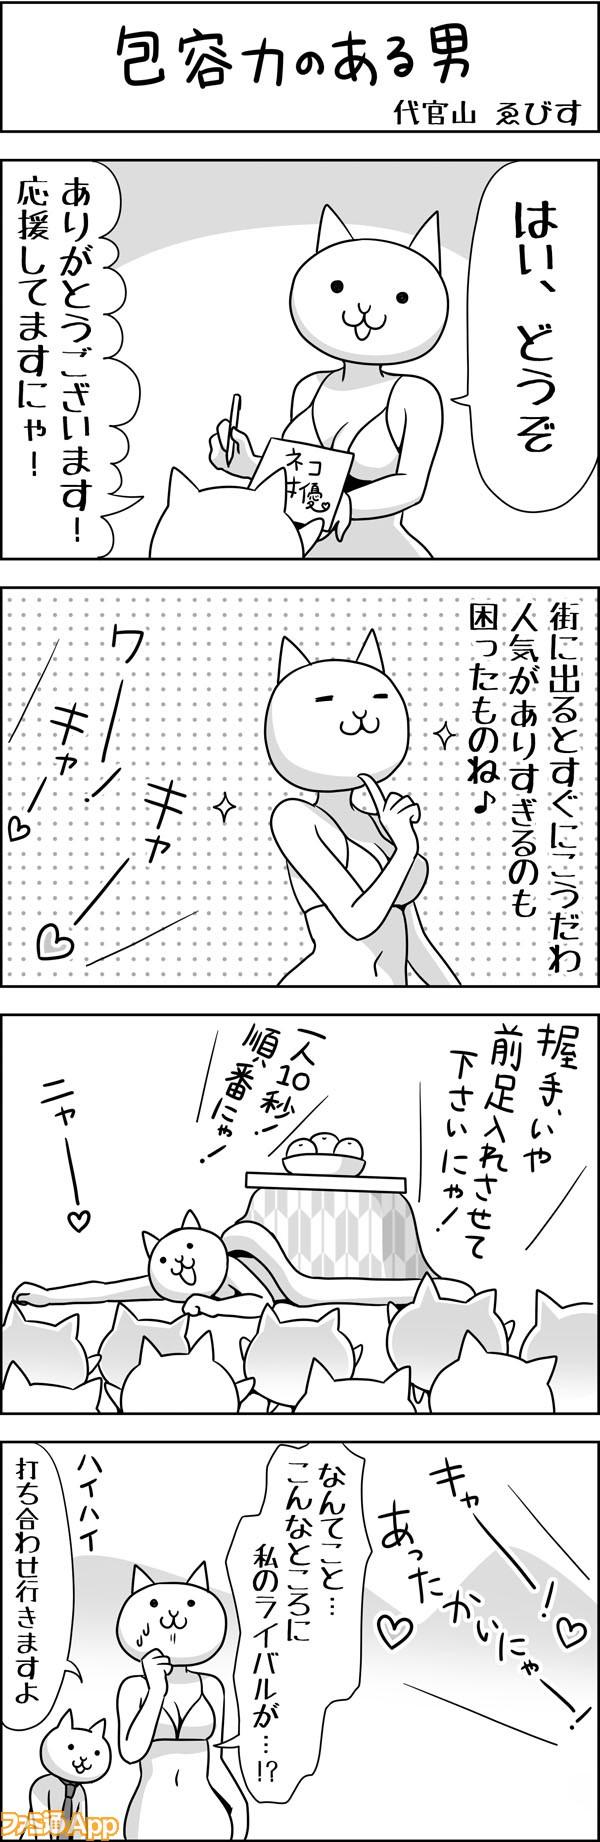 01daik_067